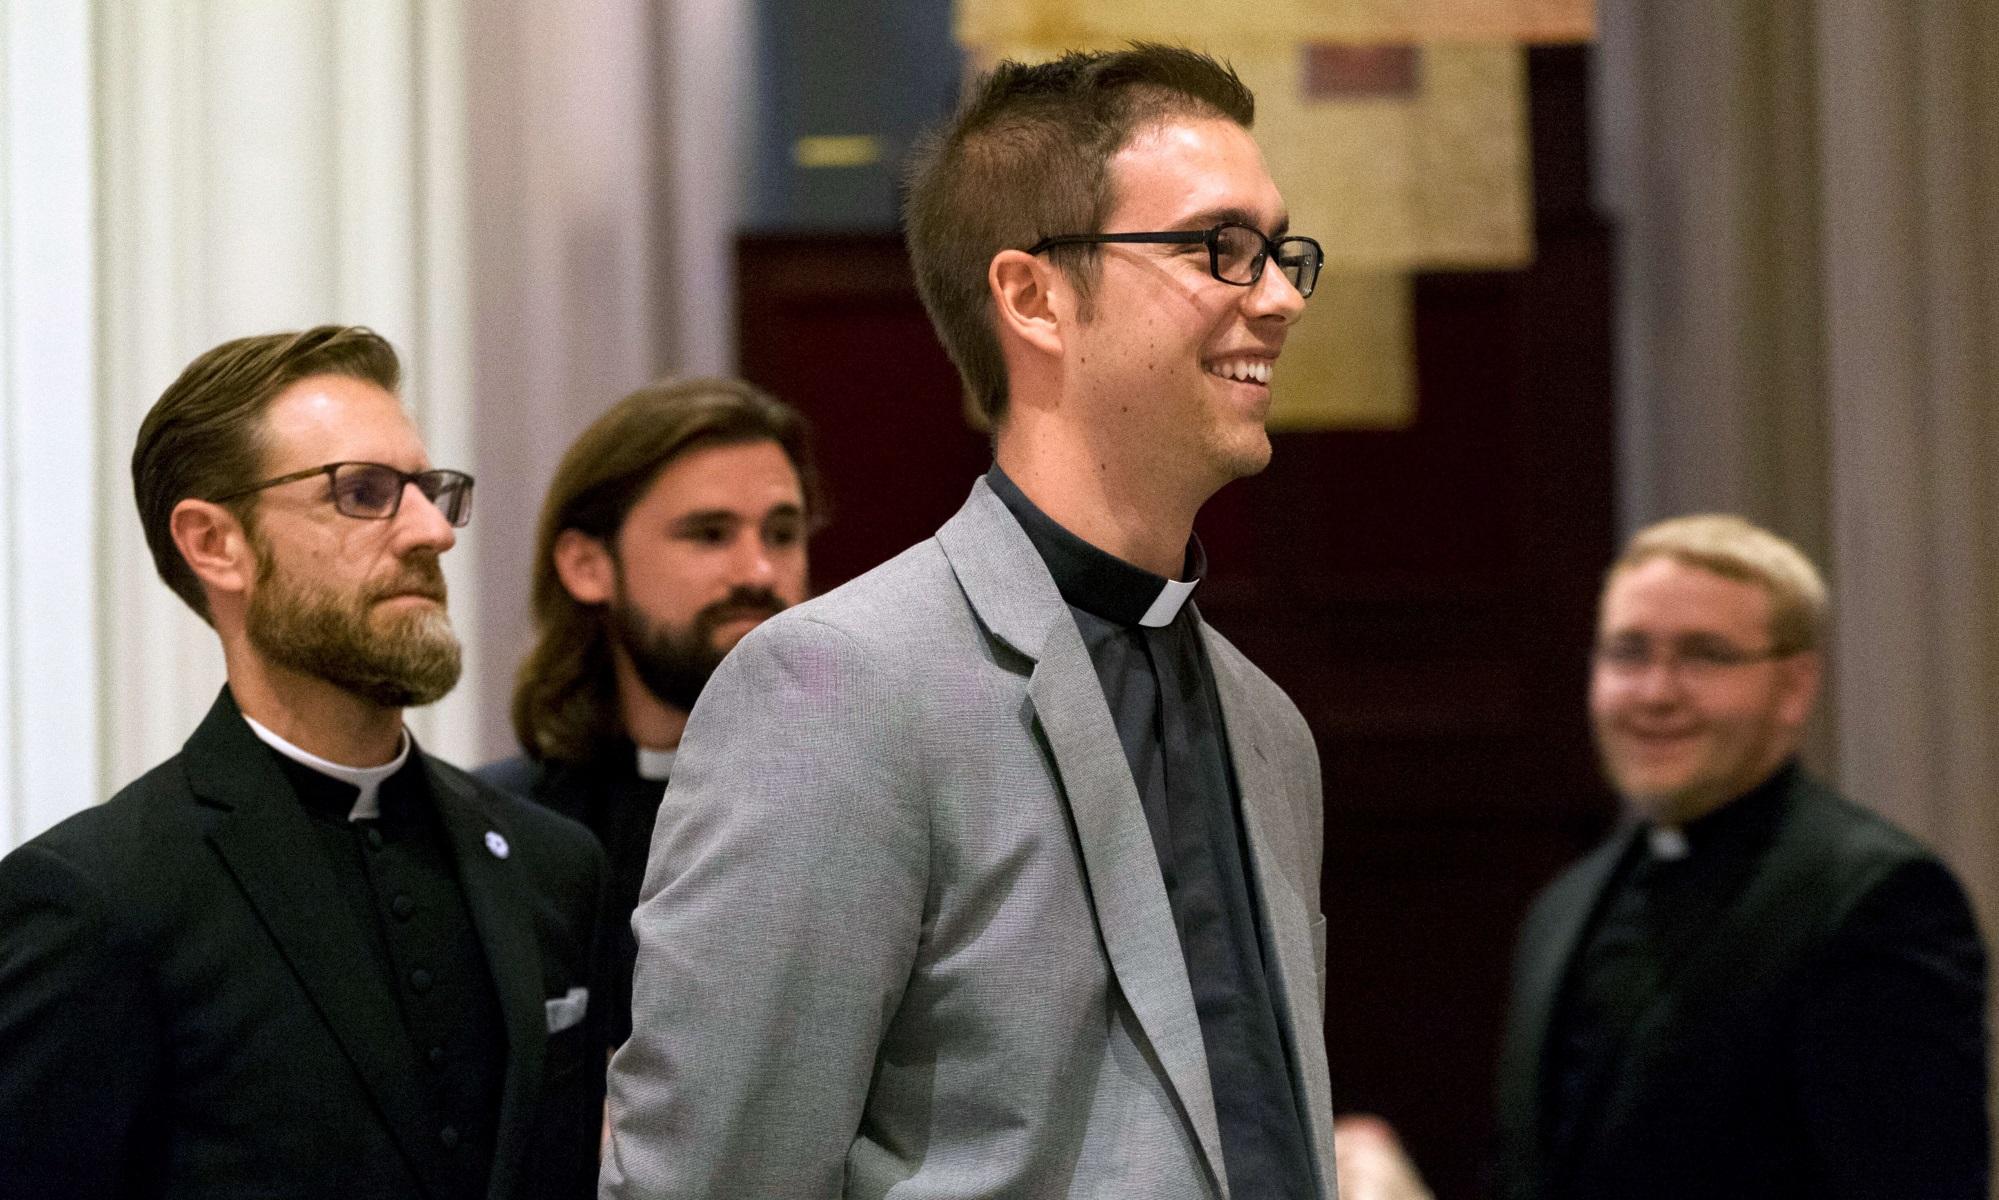 CUW alumni receive pastoral calls